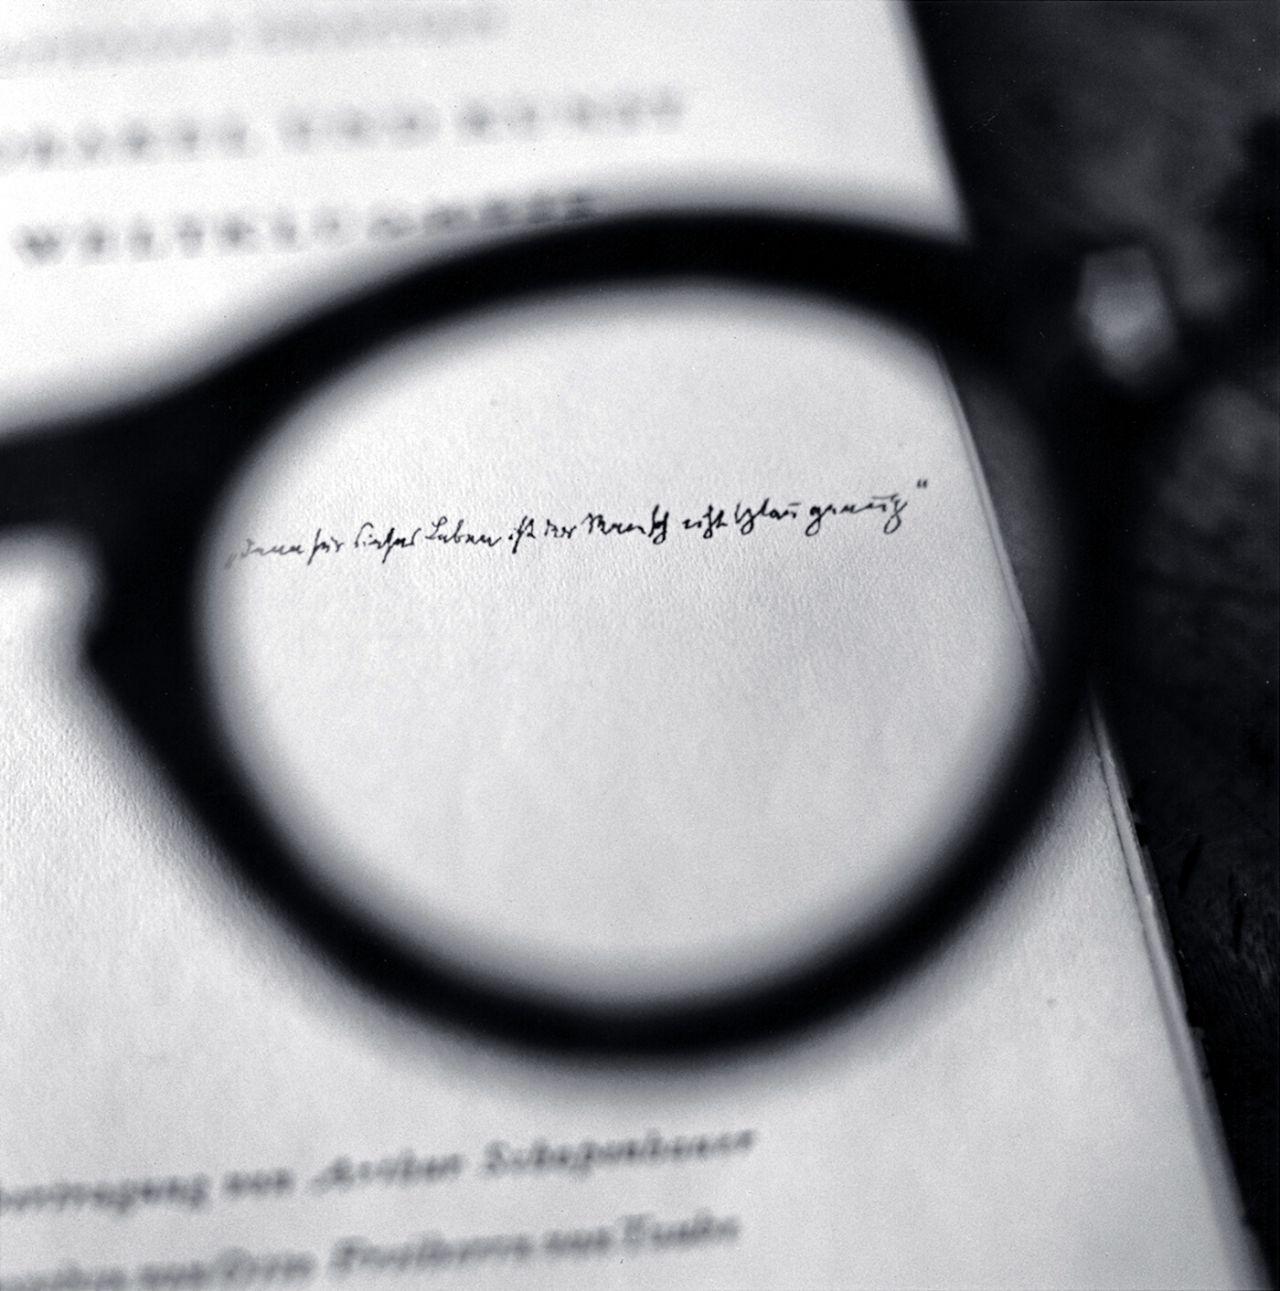 Las gafas de Brecht, viendo una dedicatoria de Walter Benjamin, 2008